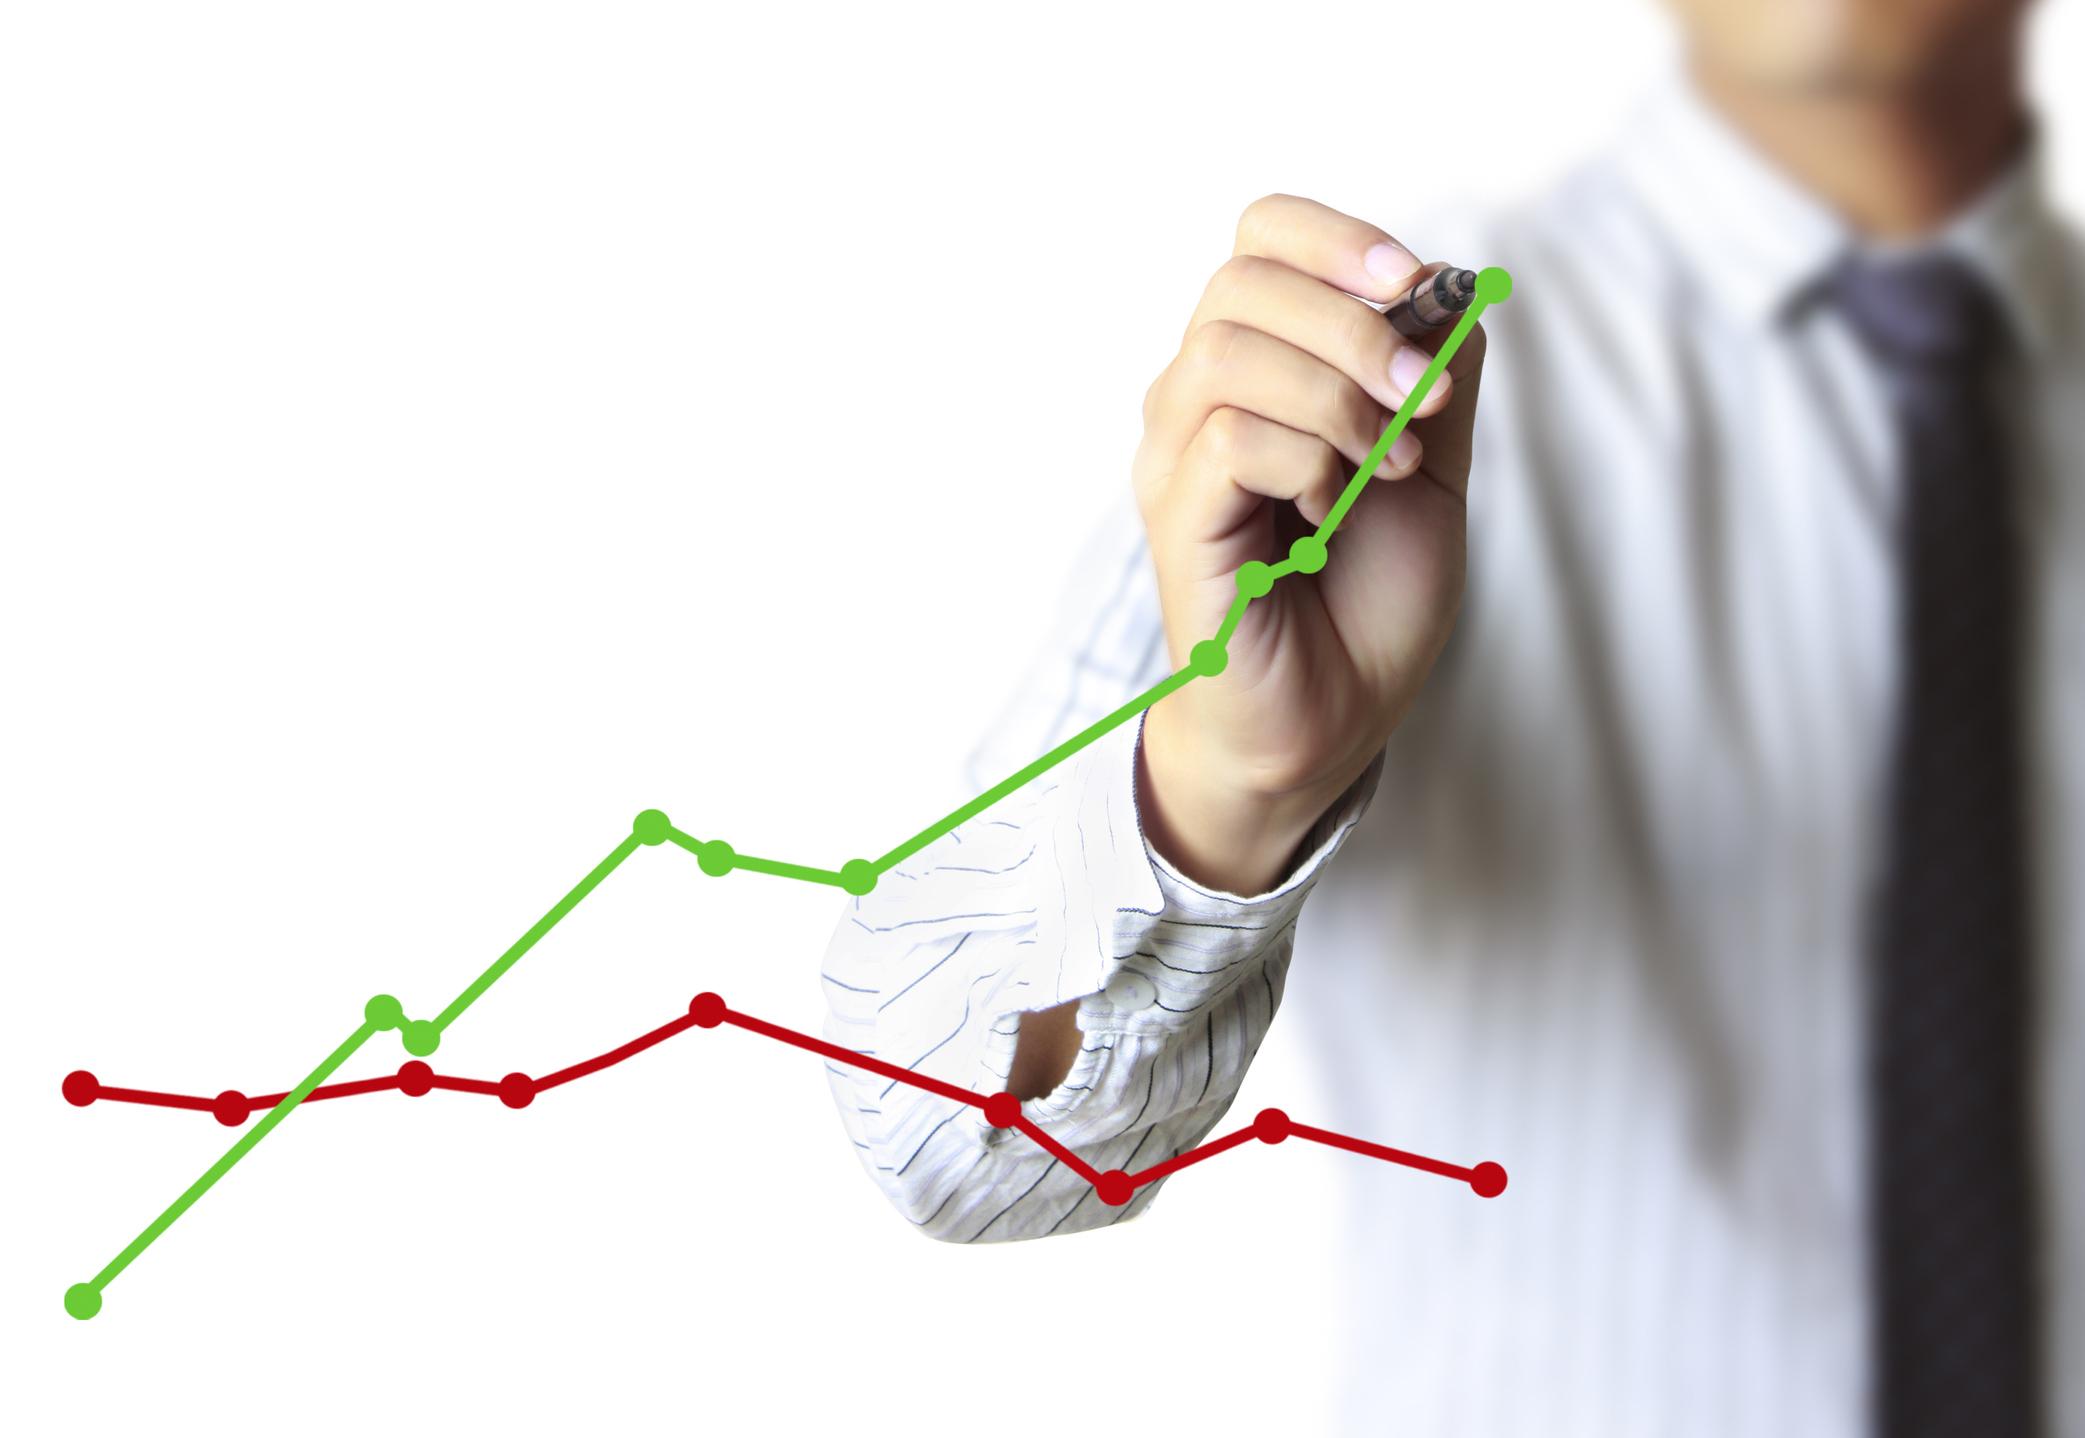 Rising stock price chart